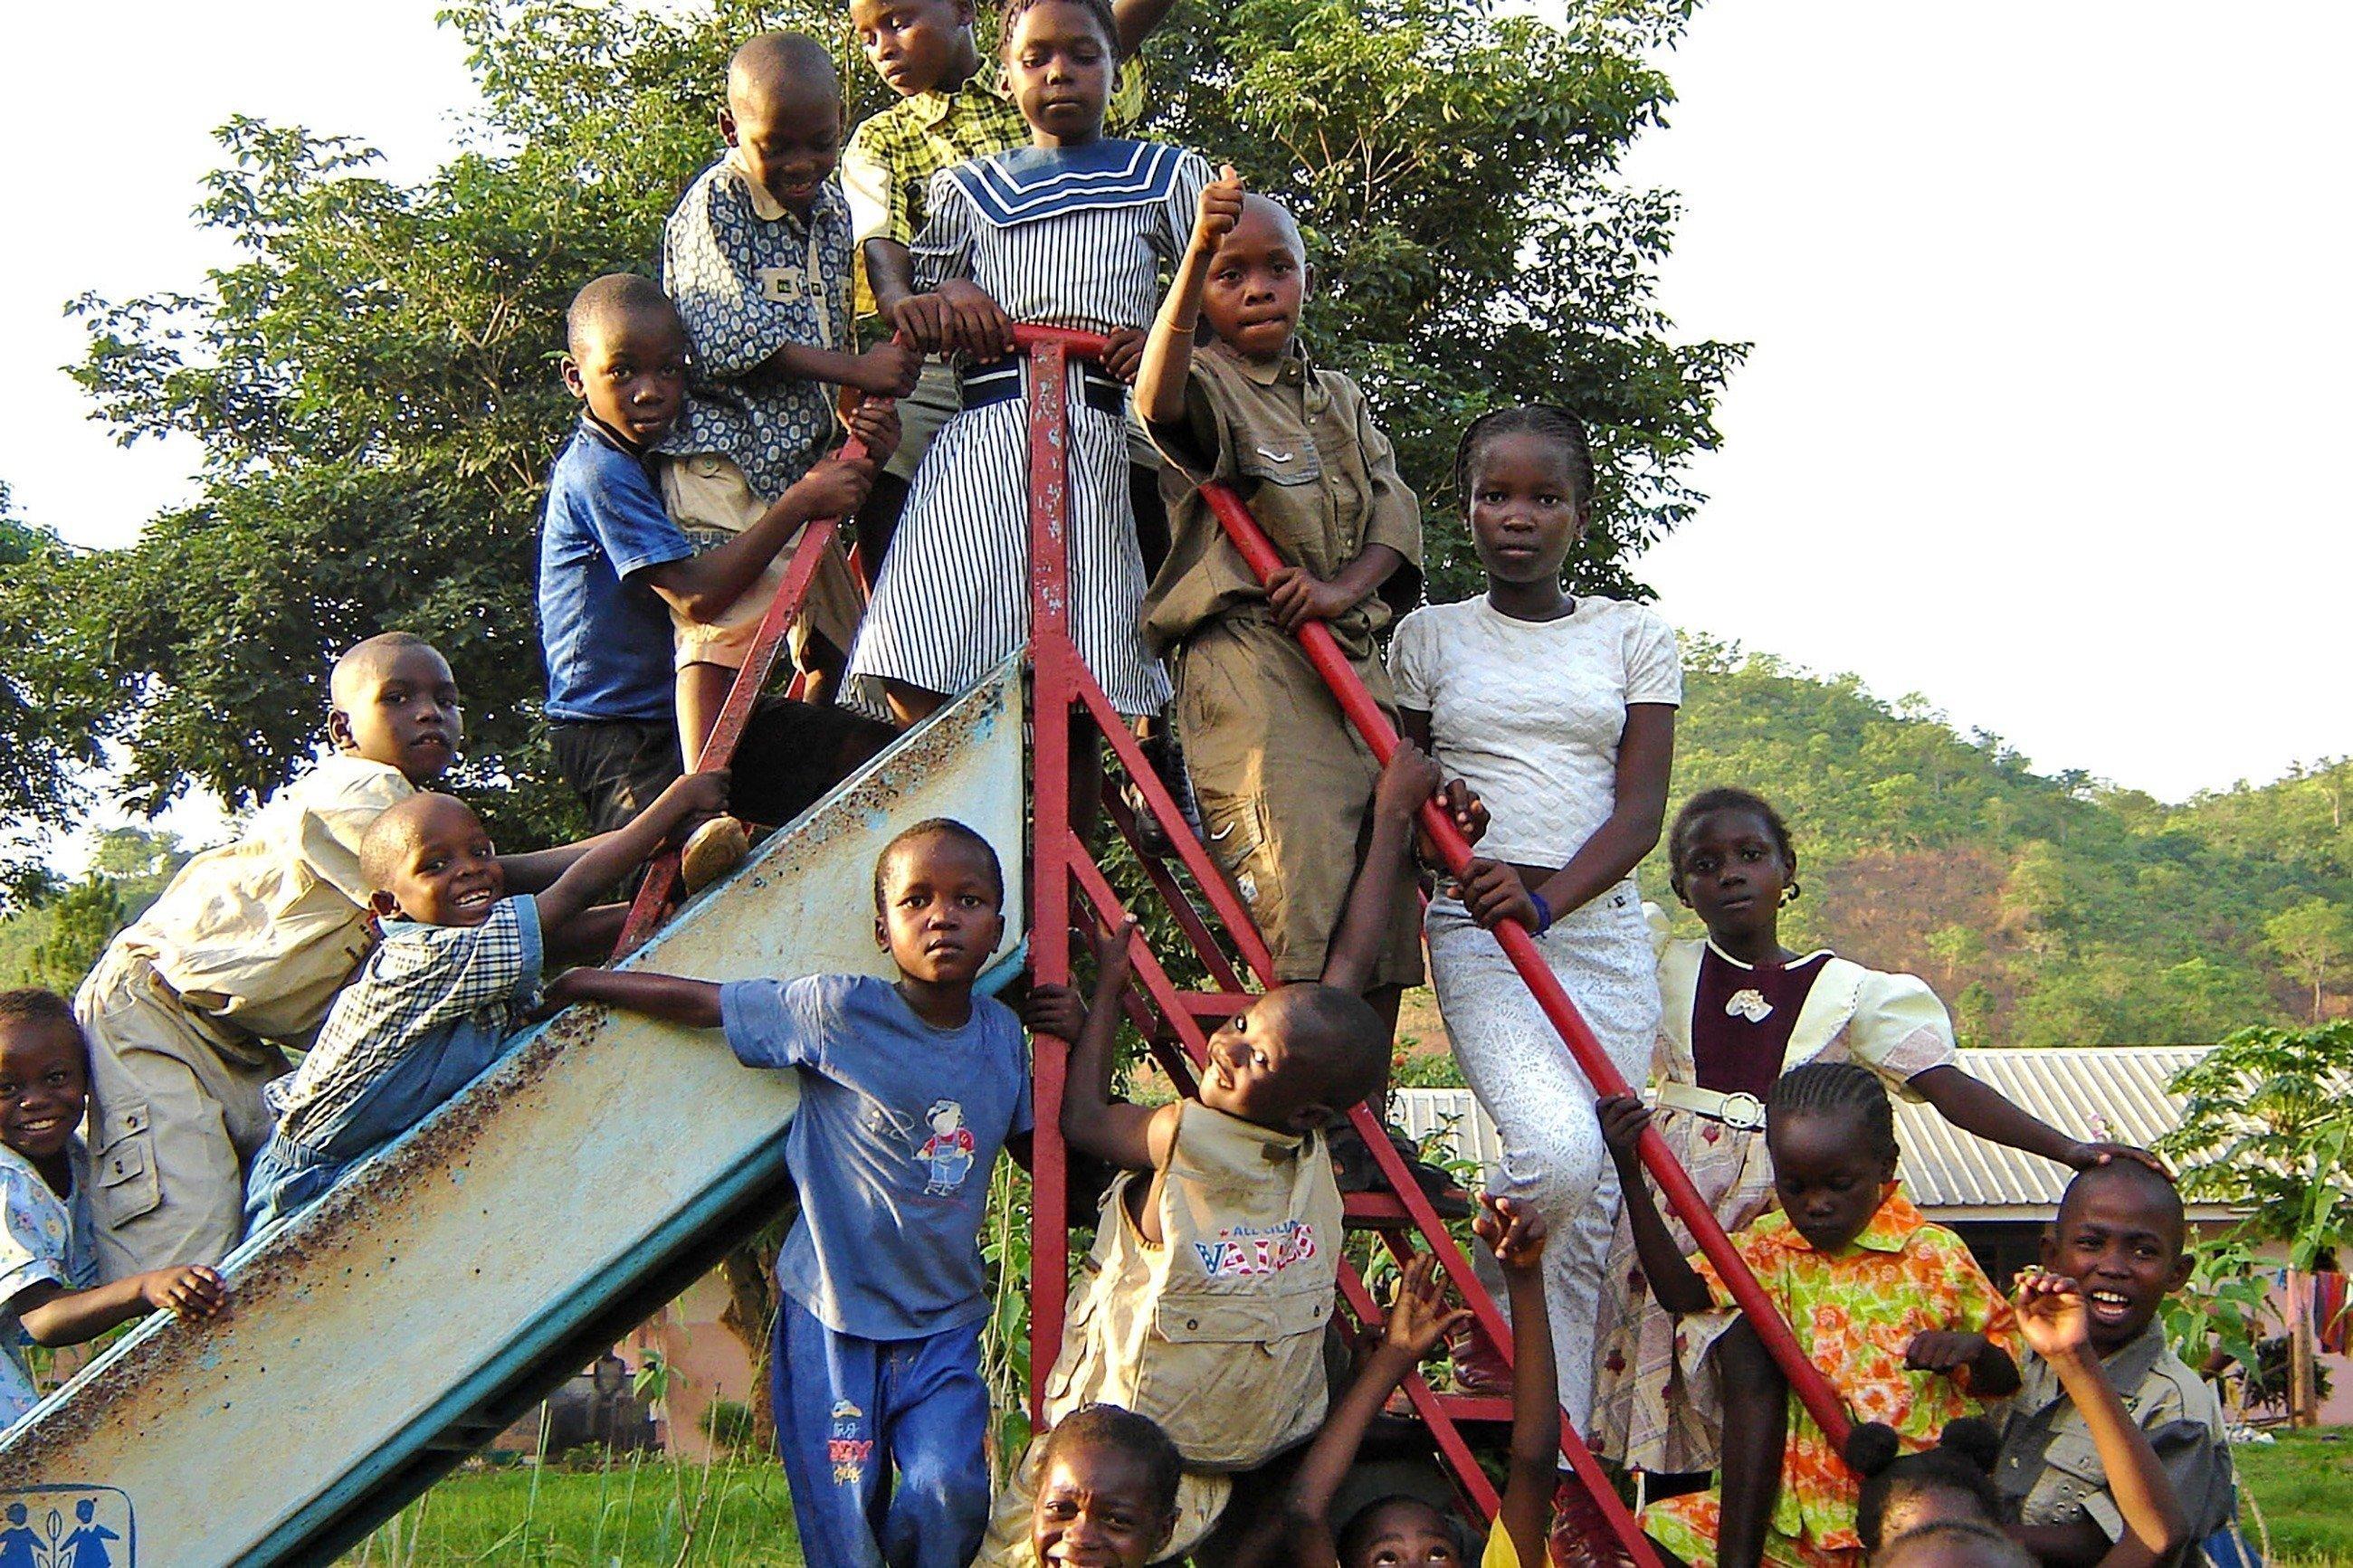 Eine Gruppe von Kindern steht auf dem Geländer einer Rutsche.